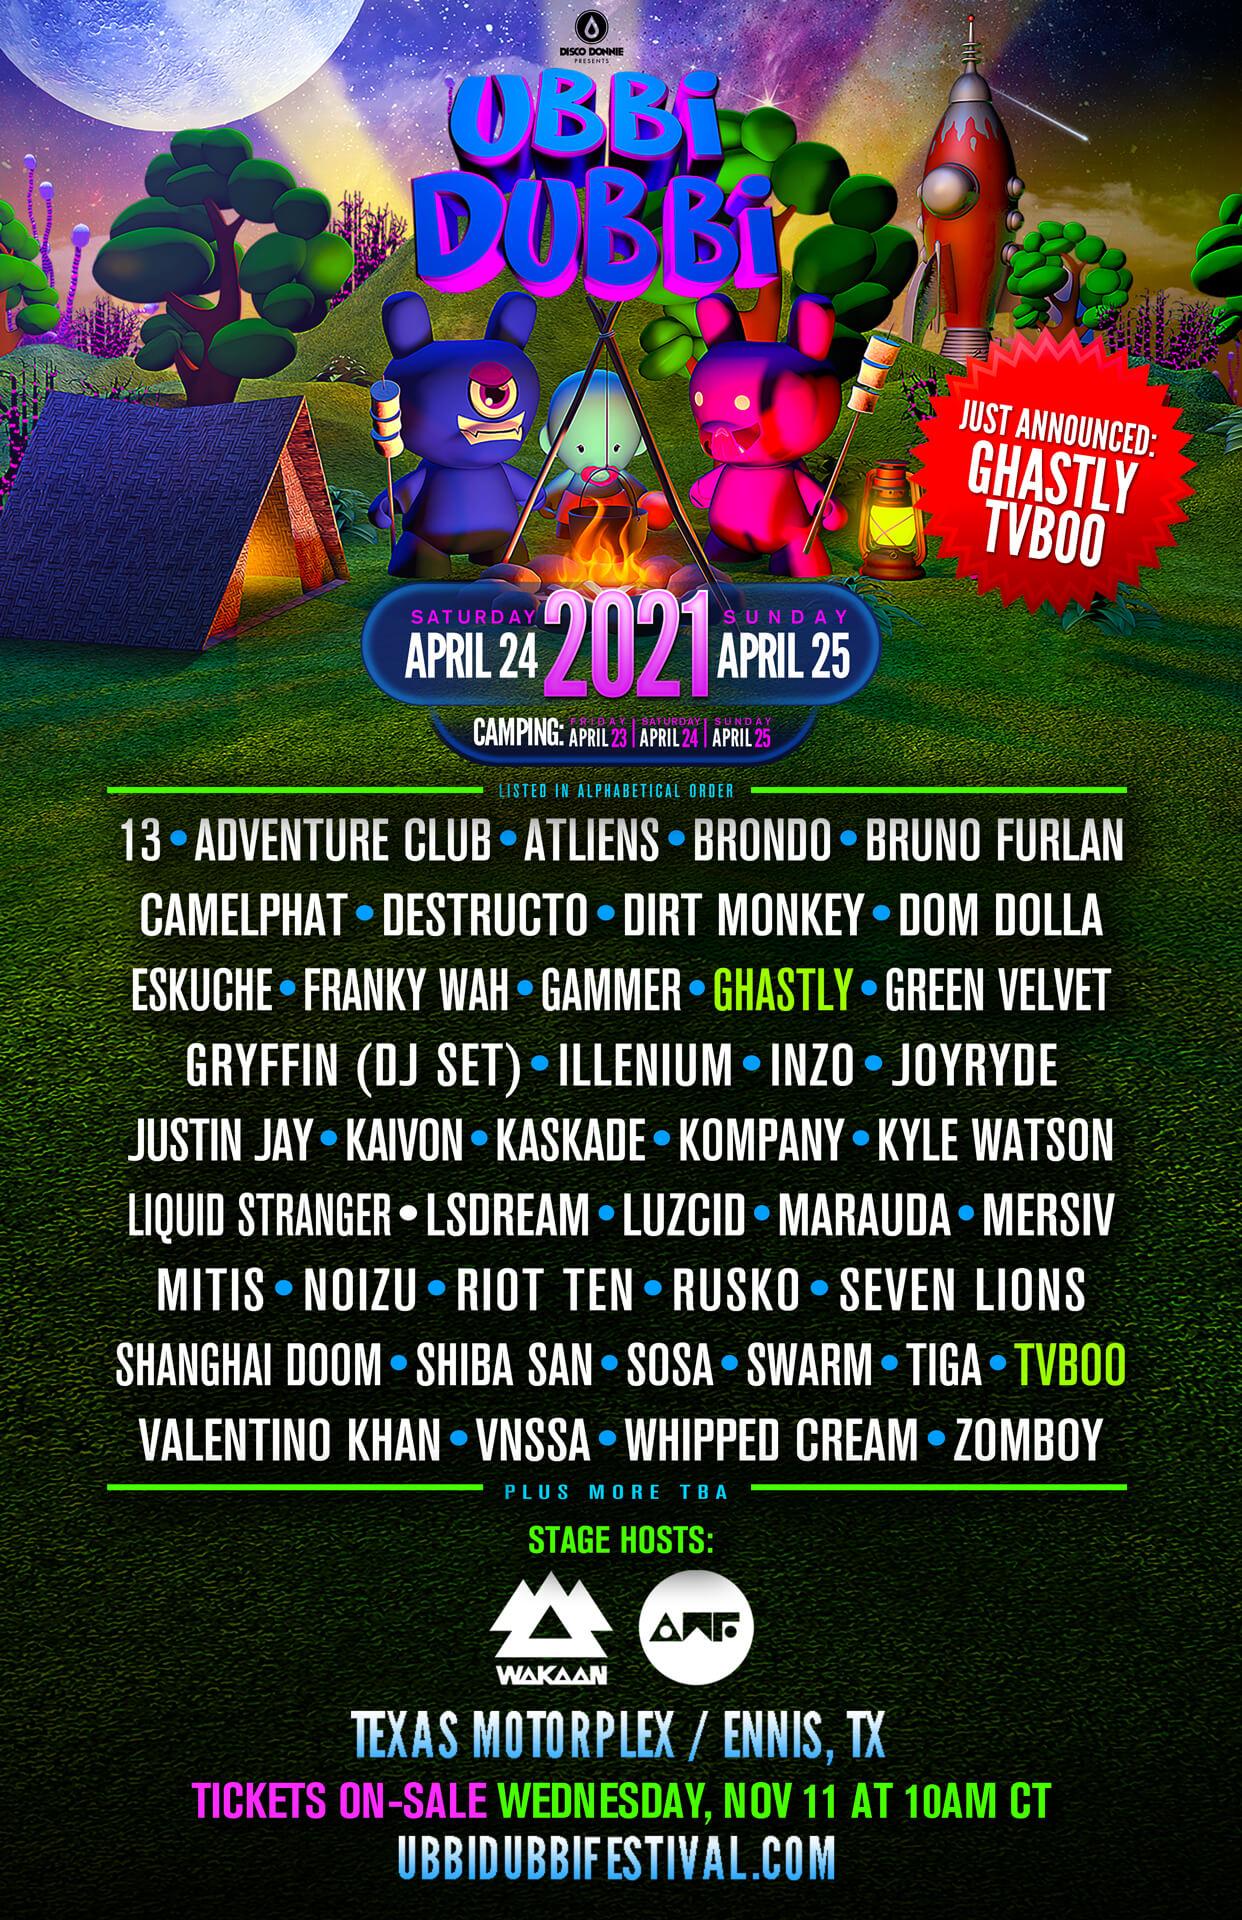 ubbi dubbi festival 2021 lineup poster